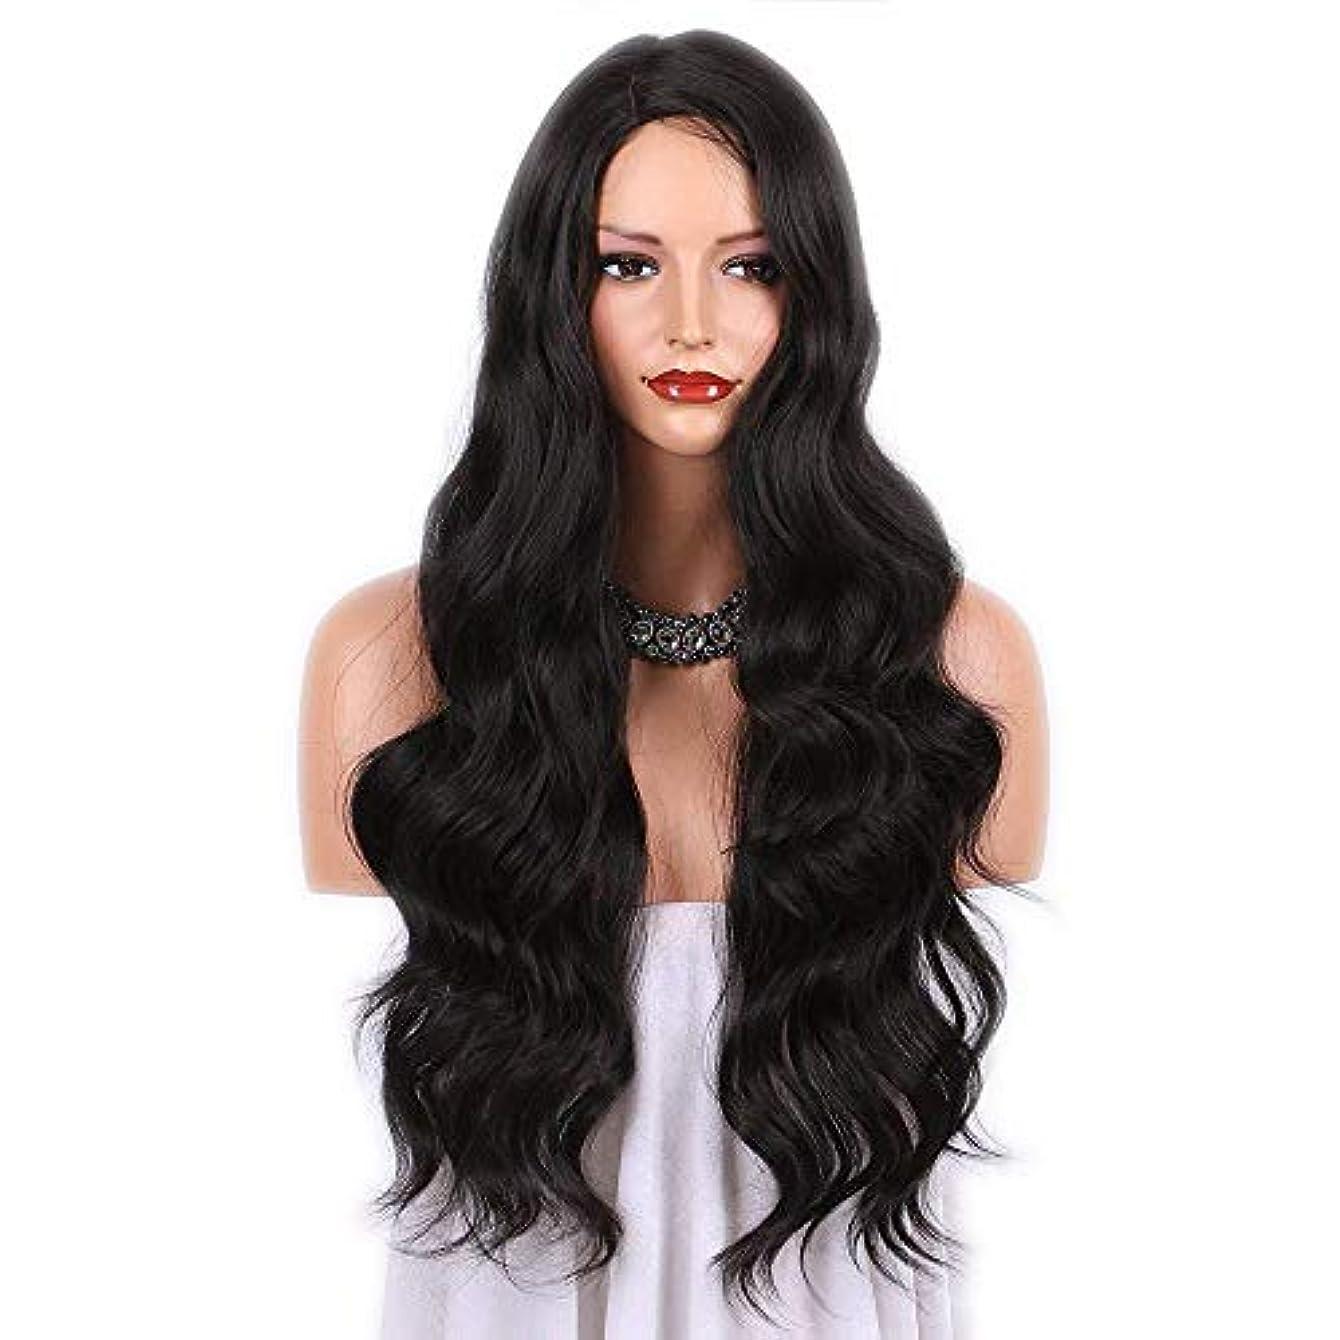 親密なアコー評判WASAIO 女性用ブラウンブラックロング巻き毛ヨーロッパとアメリカのファッションウィッグスタイル交換用ビッグアクセサリーウェーブミドルパーツ (色 : 黒)